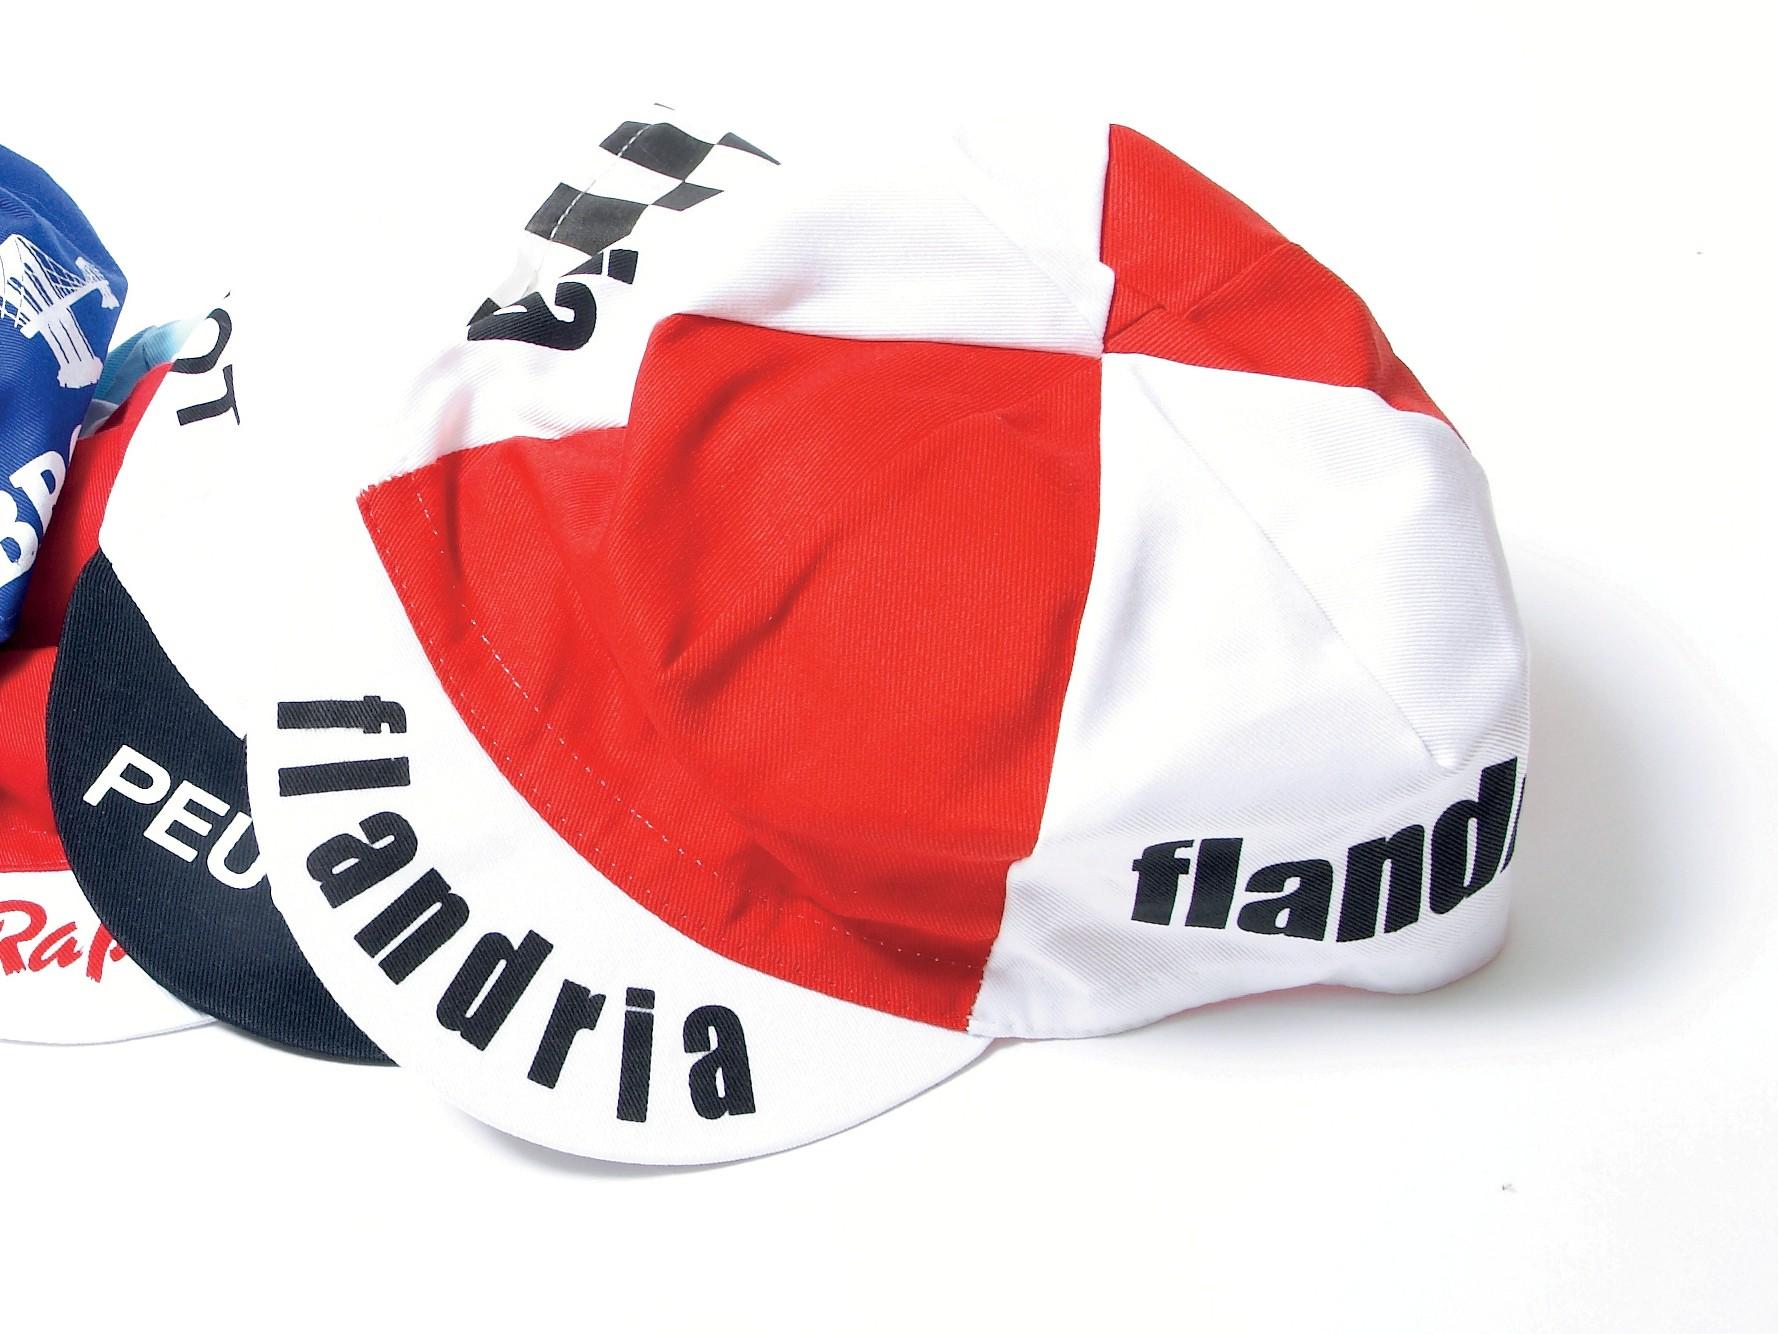 Team cotton caps